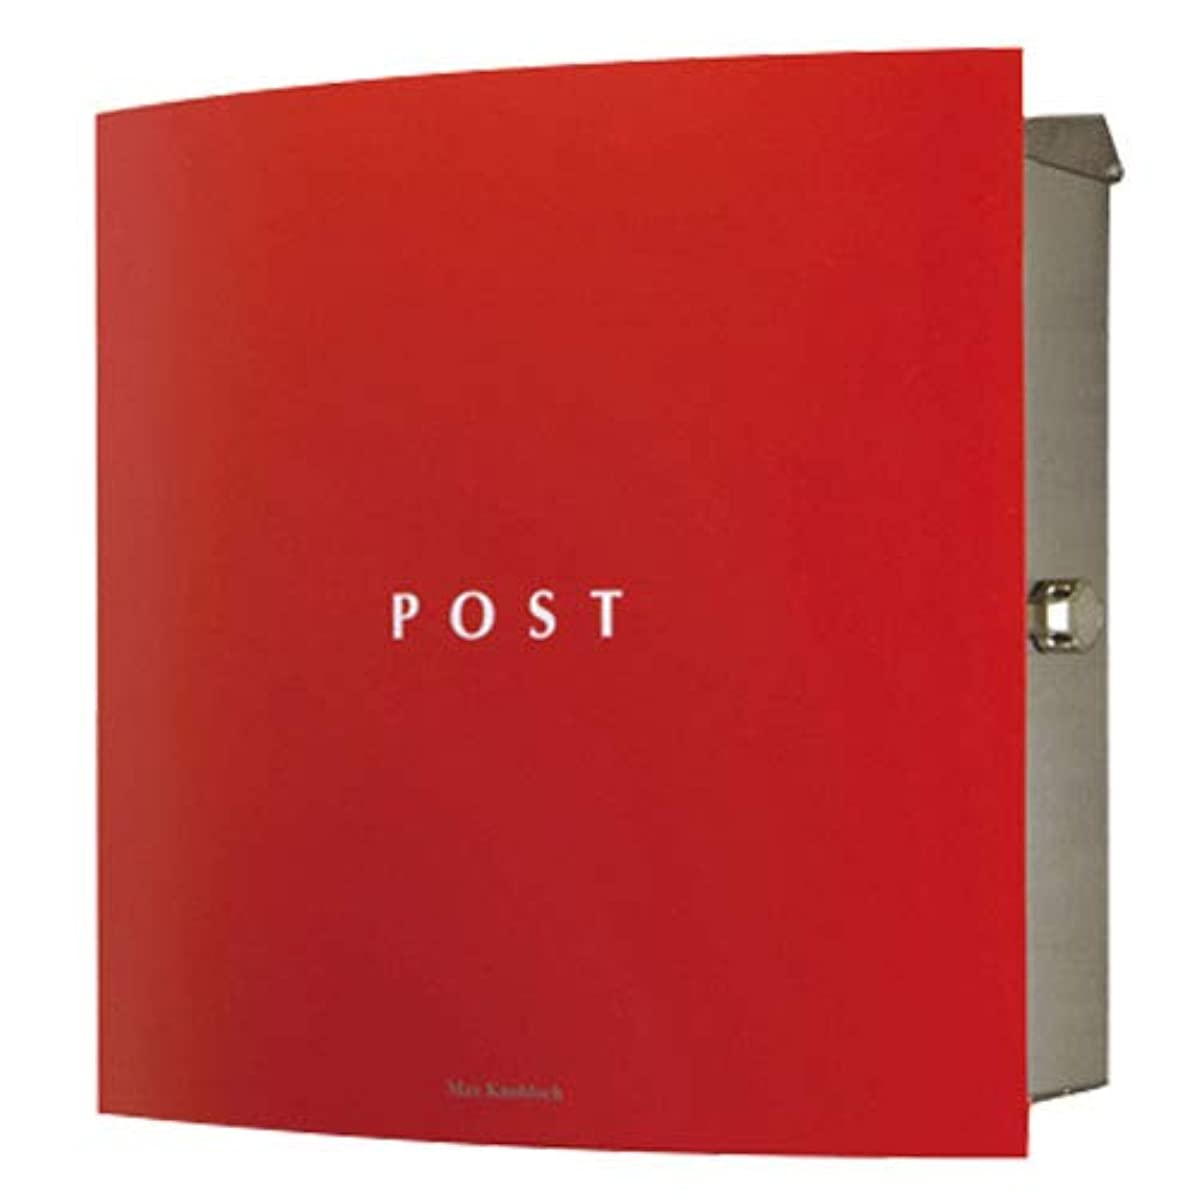 解決する右圧力マックスノブロック ボン 右ロック レッド AAE11I 郵便ポスト 壁付けポスト